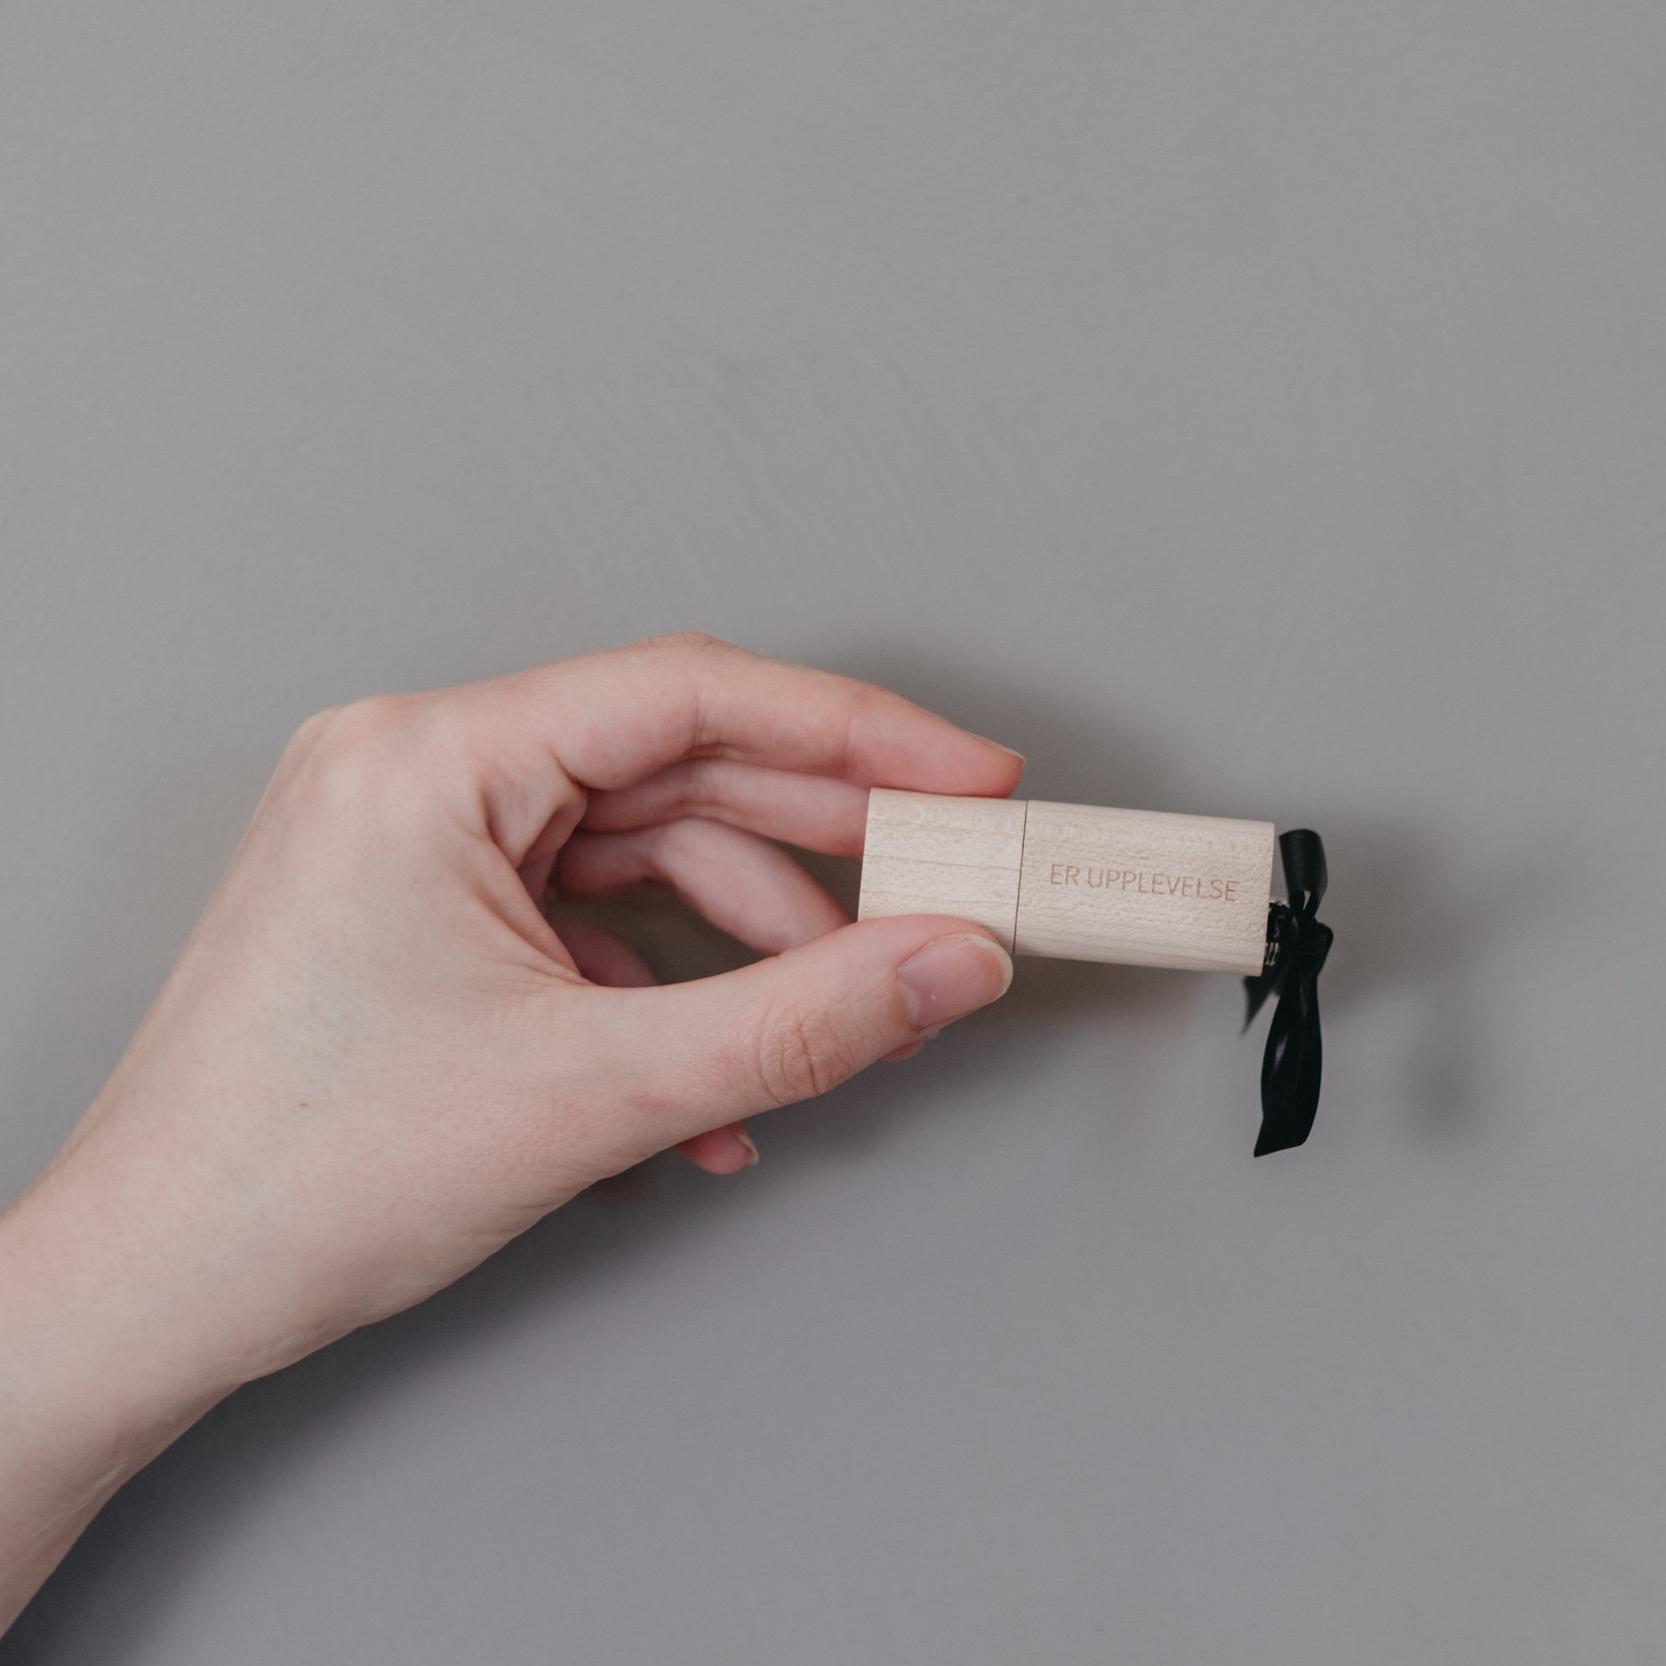 Beställer ni era digitala filer som back-up så levereras dessa på USB så att ni alltid vet var ni har dem. Dessutom ingår ett bildspel alltid med era digitala filer.  Från 4500 kr.